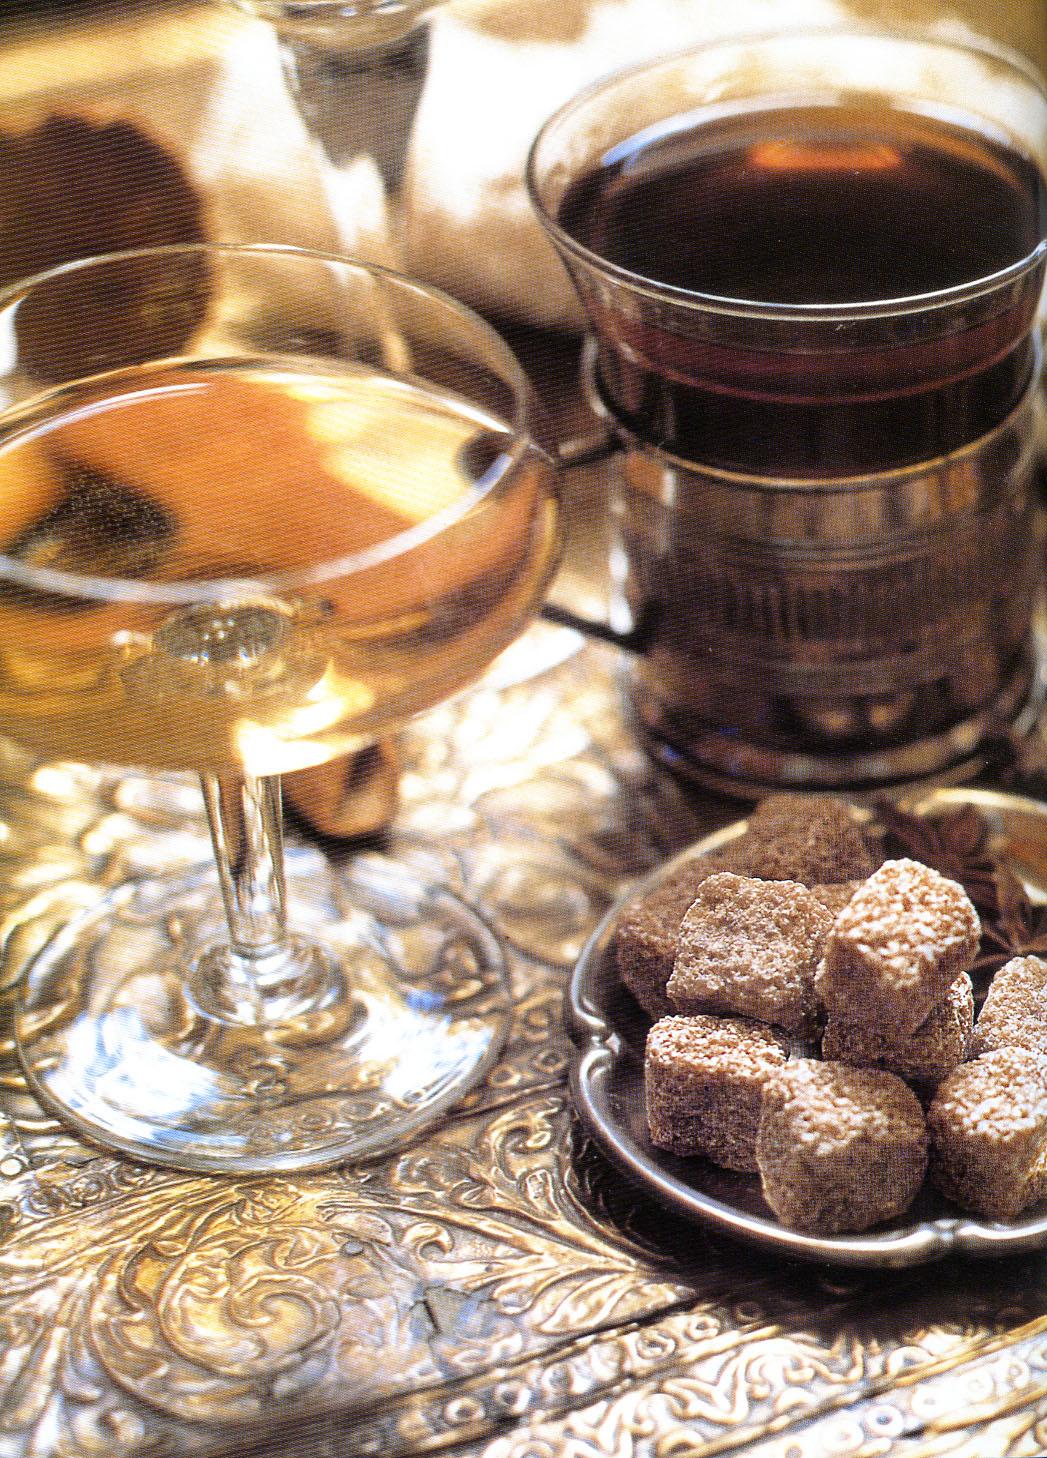 secondo layurveda non si dovrebbe bere molto durante i pasti perch non aiuterebbe la digestione tra i pasti le bevande possono servire non solo a